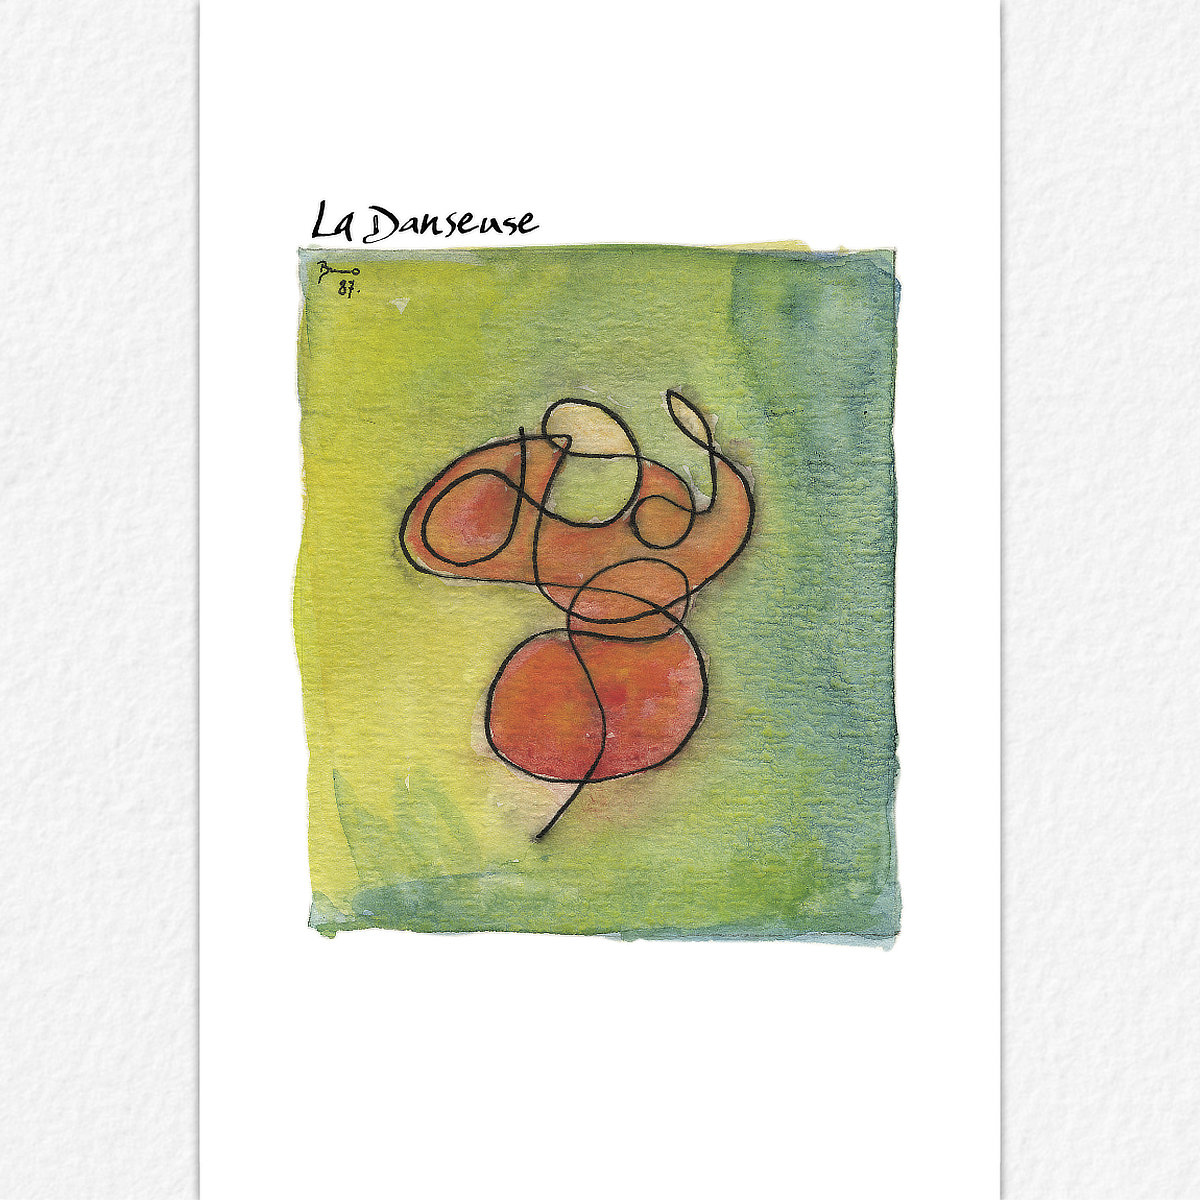 La Dandeuse - carte postale